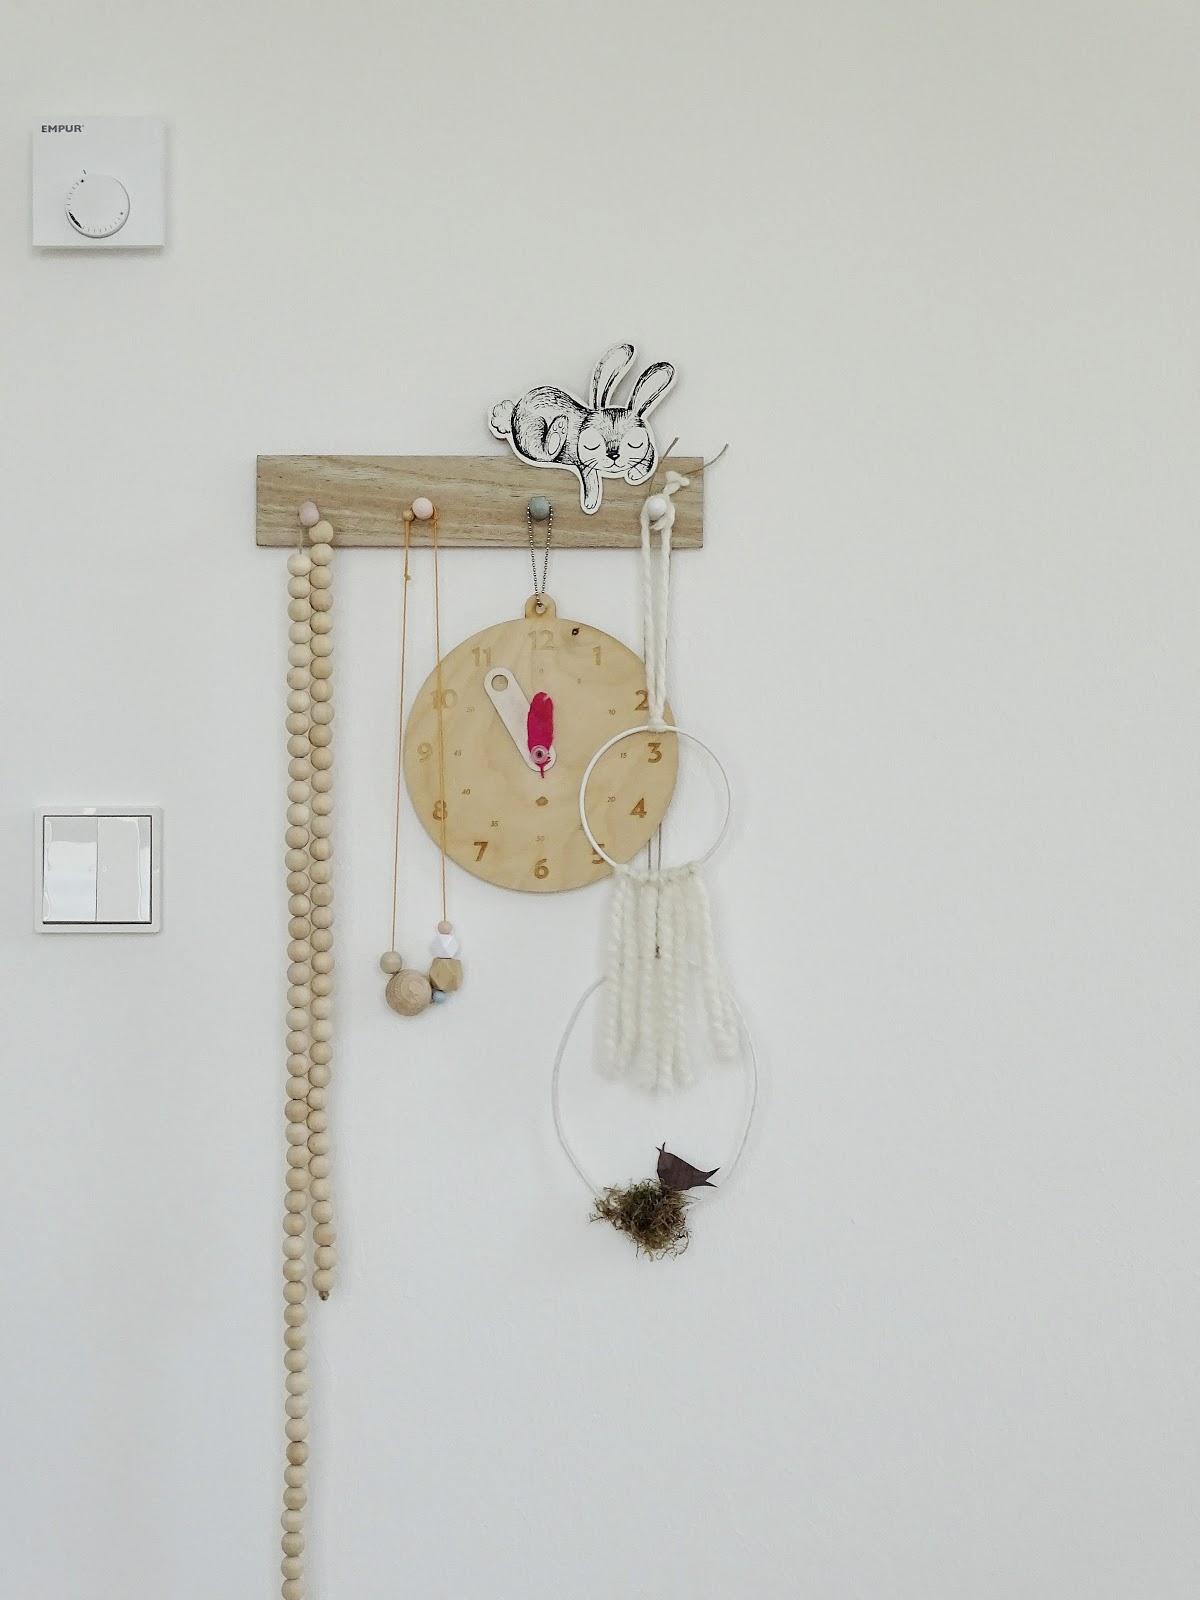 Kinderzimmer-Dekoideen - Wochenlieblinge - https://mammilade.blogspot.de